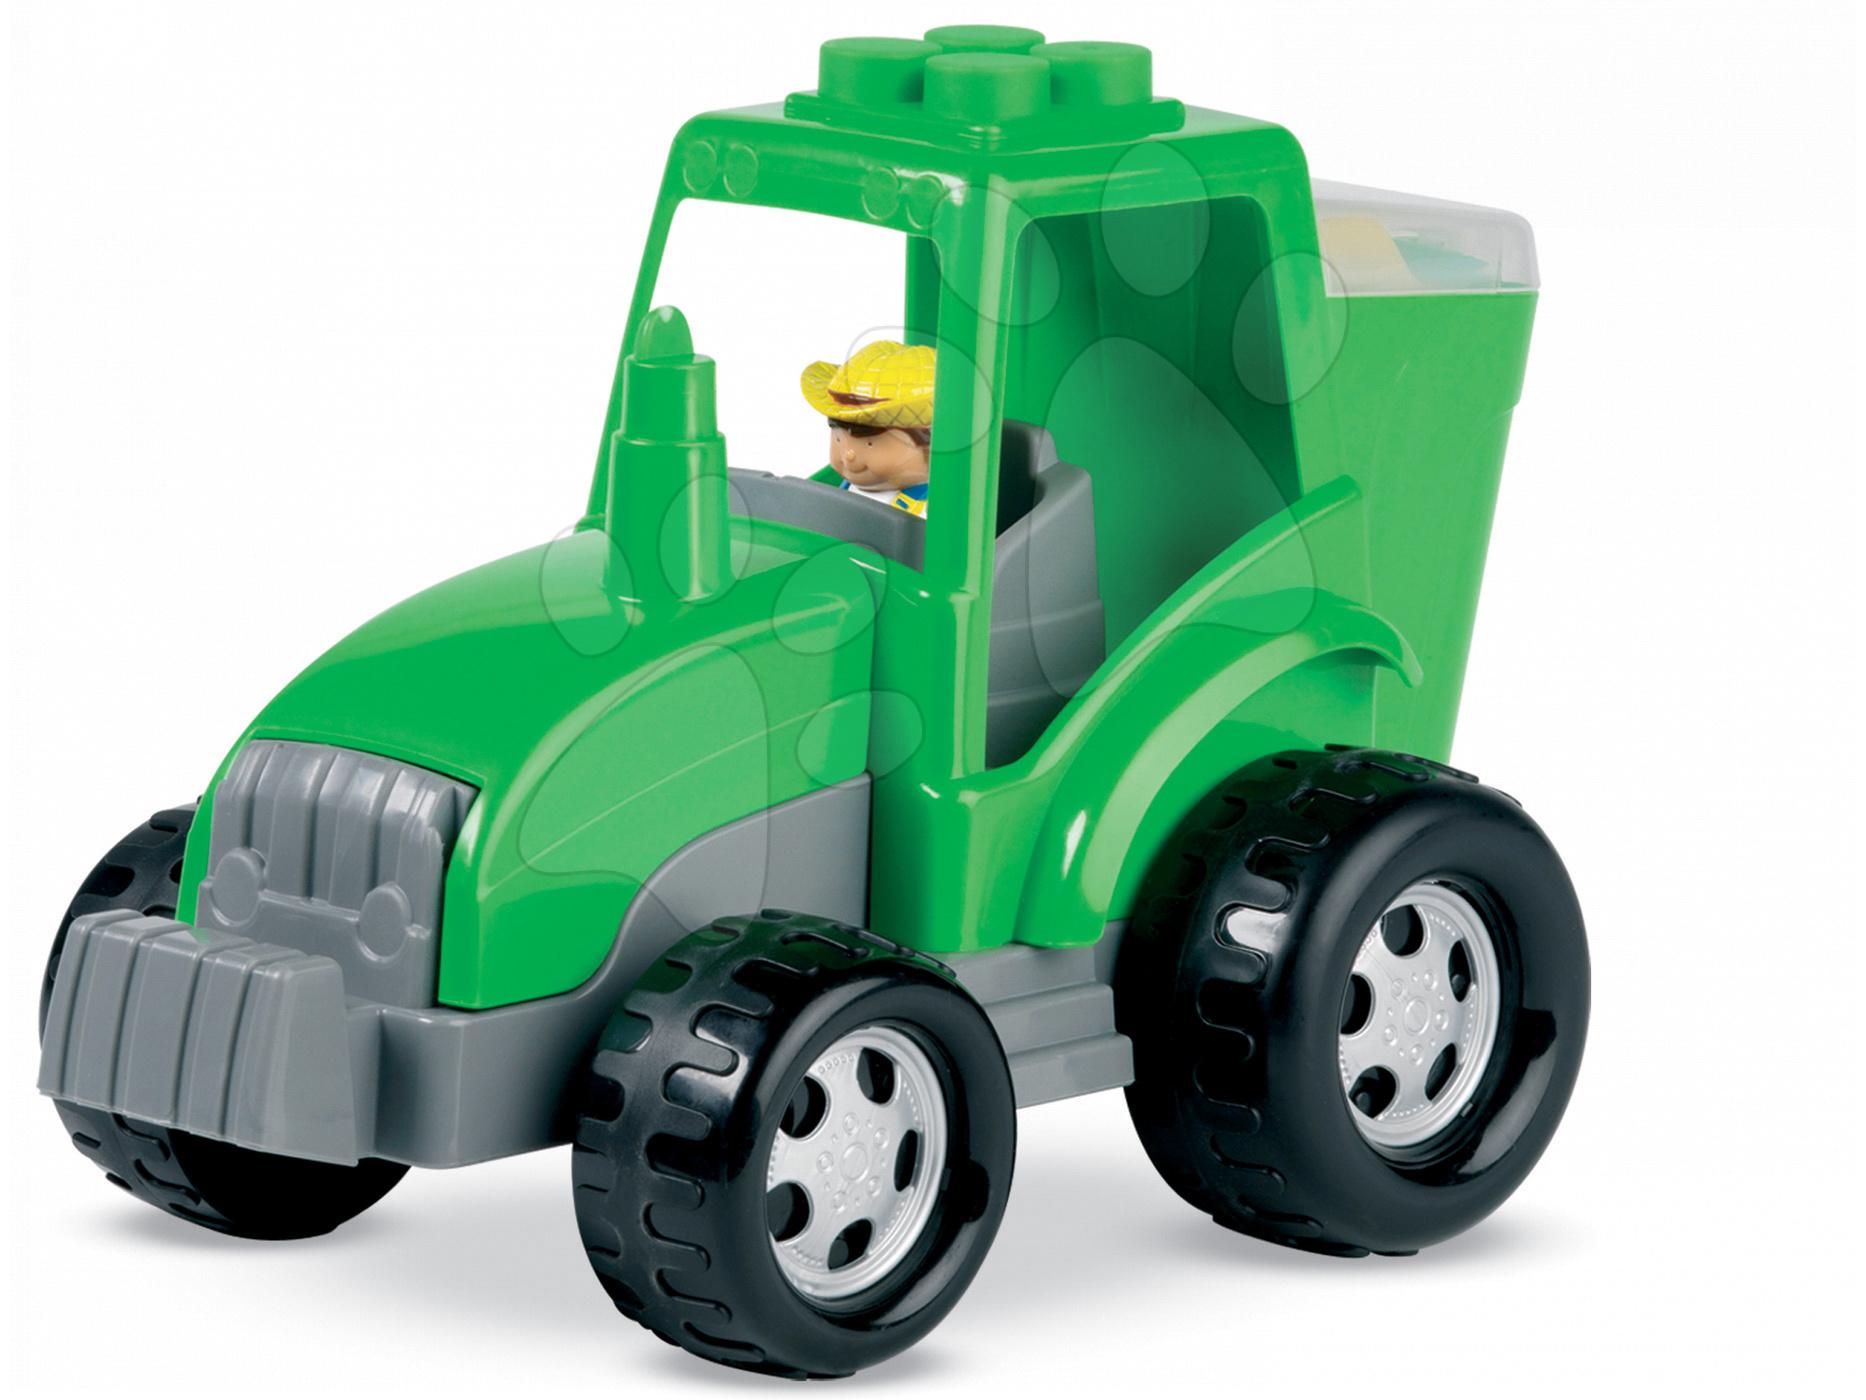 Építőjáték Abrick - traktor kockákkal Écoiffier zöld/piros 18 hó-tól